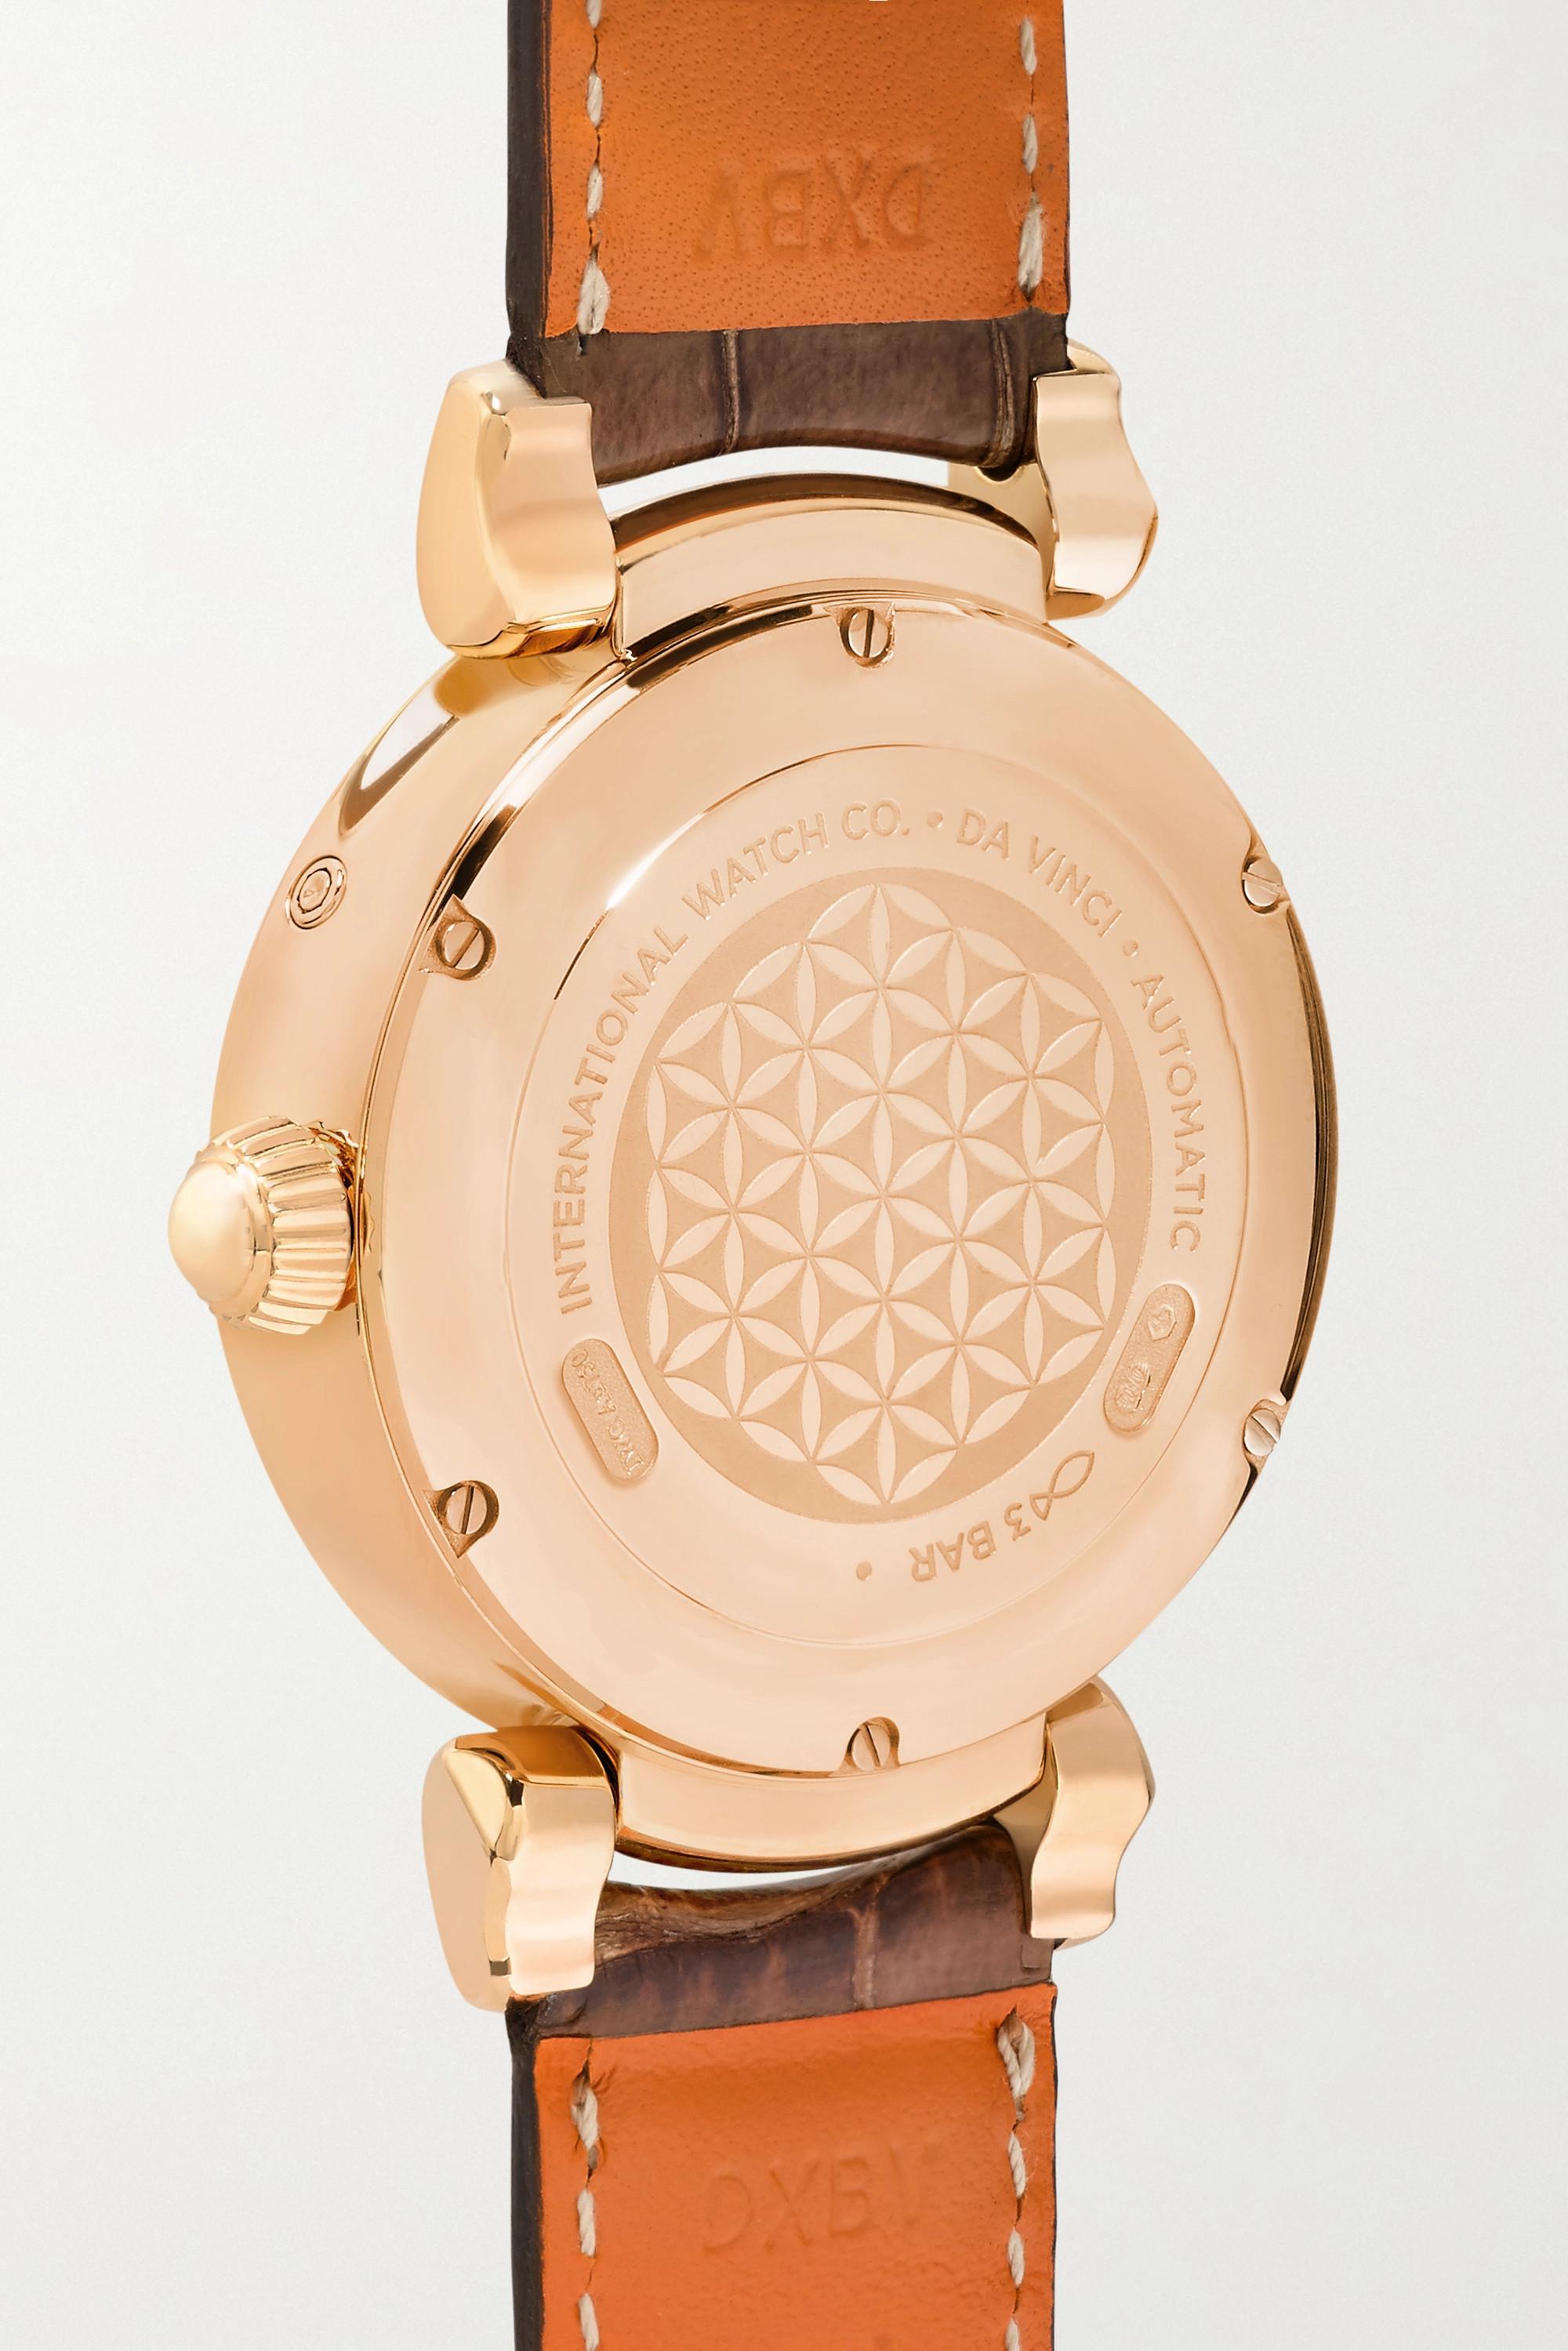 IWC SCHAFFHAUSEN Da Vinci Automatic Moon Phase 36 mm Uhr aus 18 Karat Rotgold mit Alligatorlederarmband